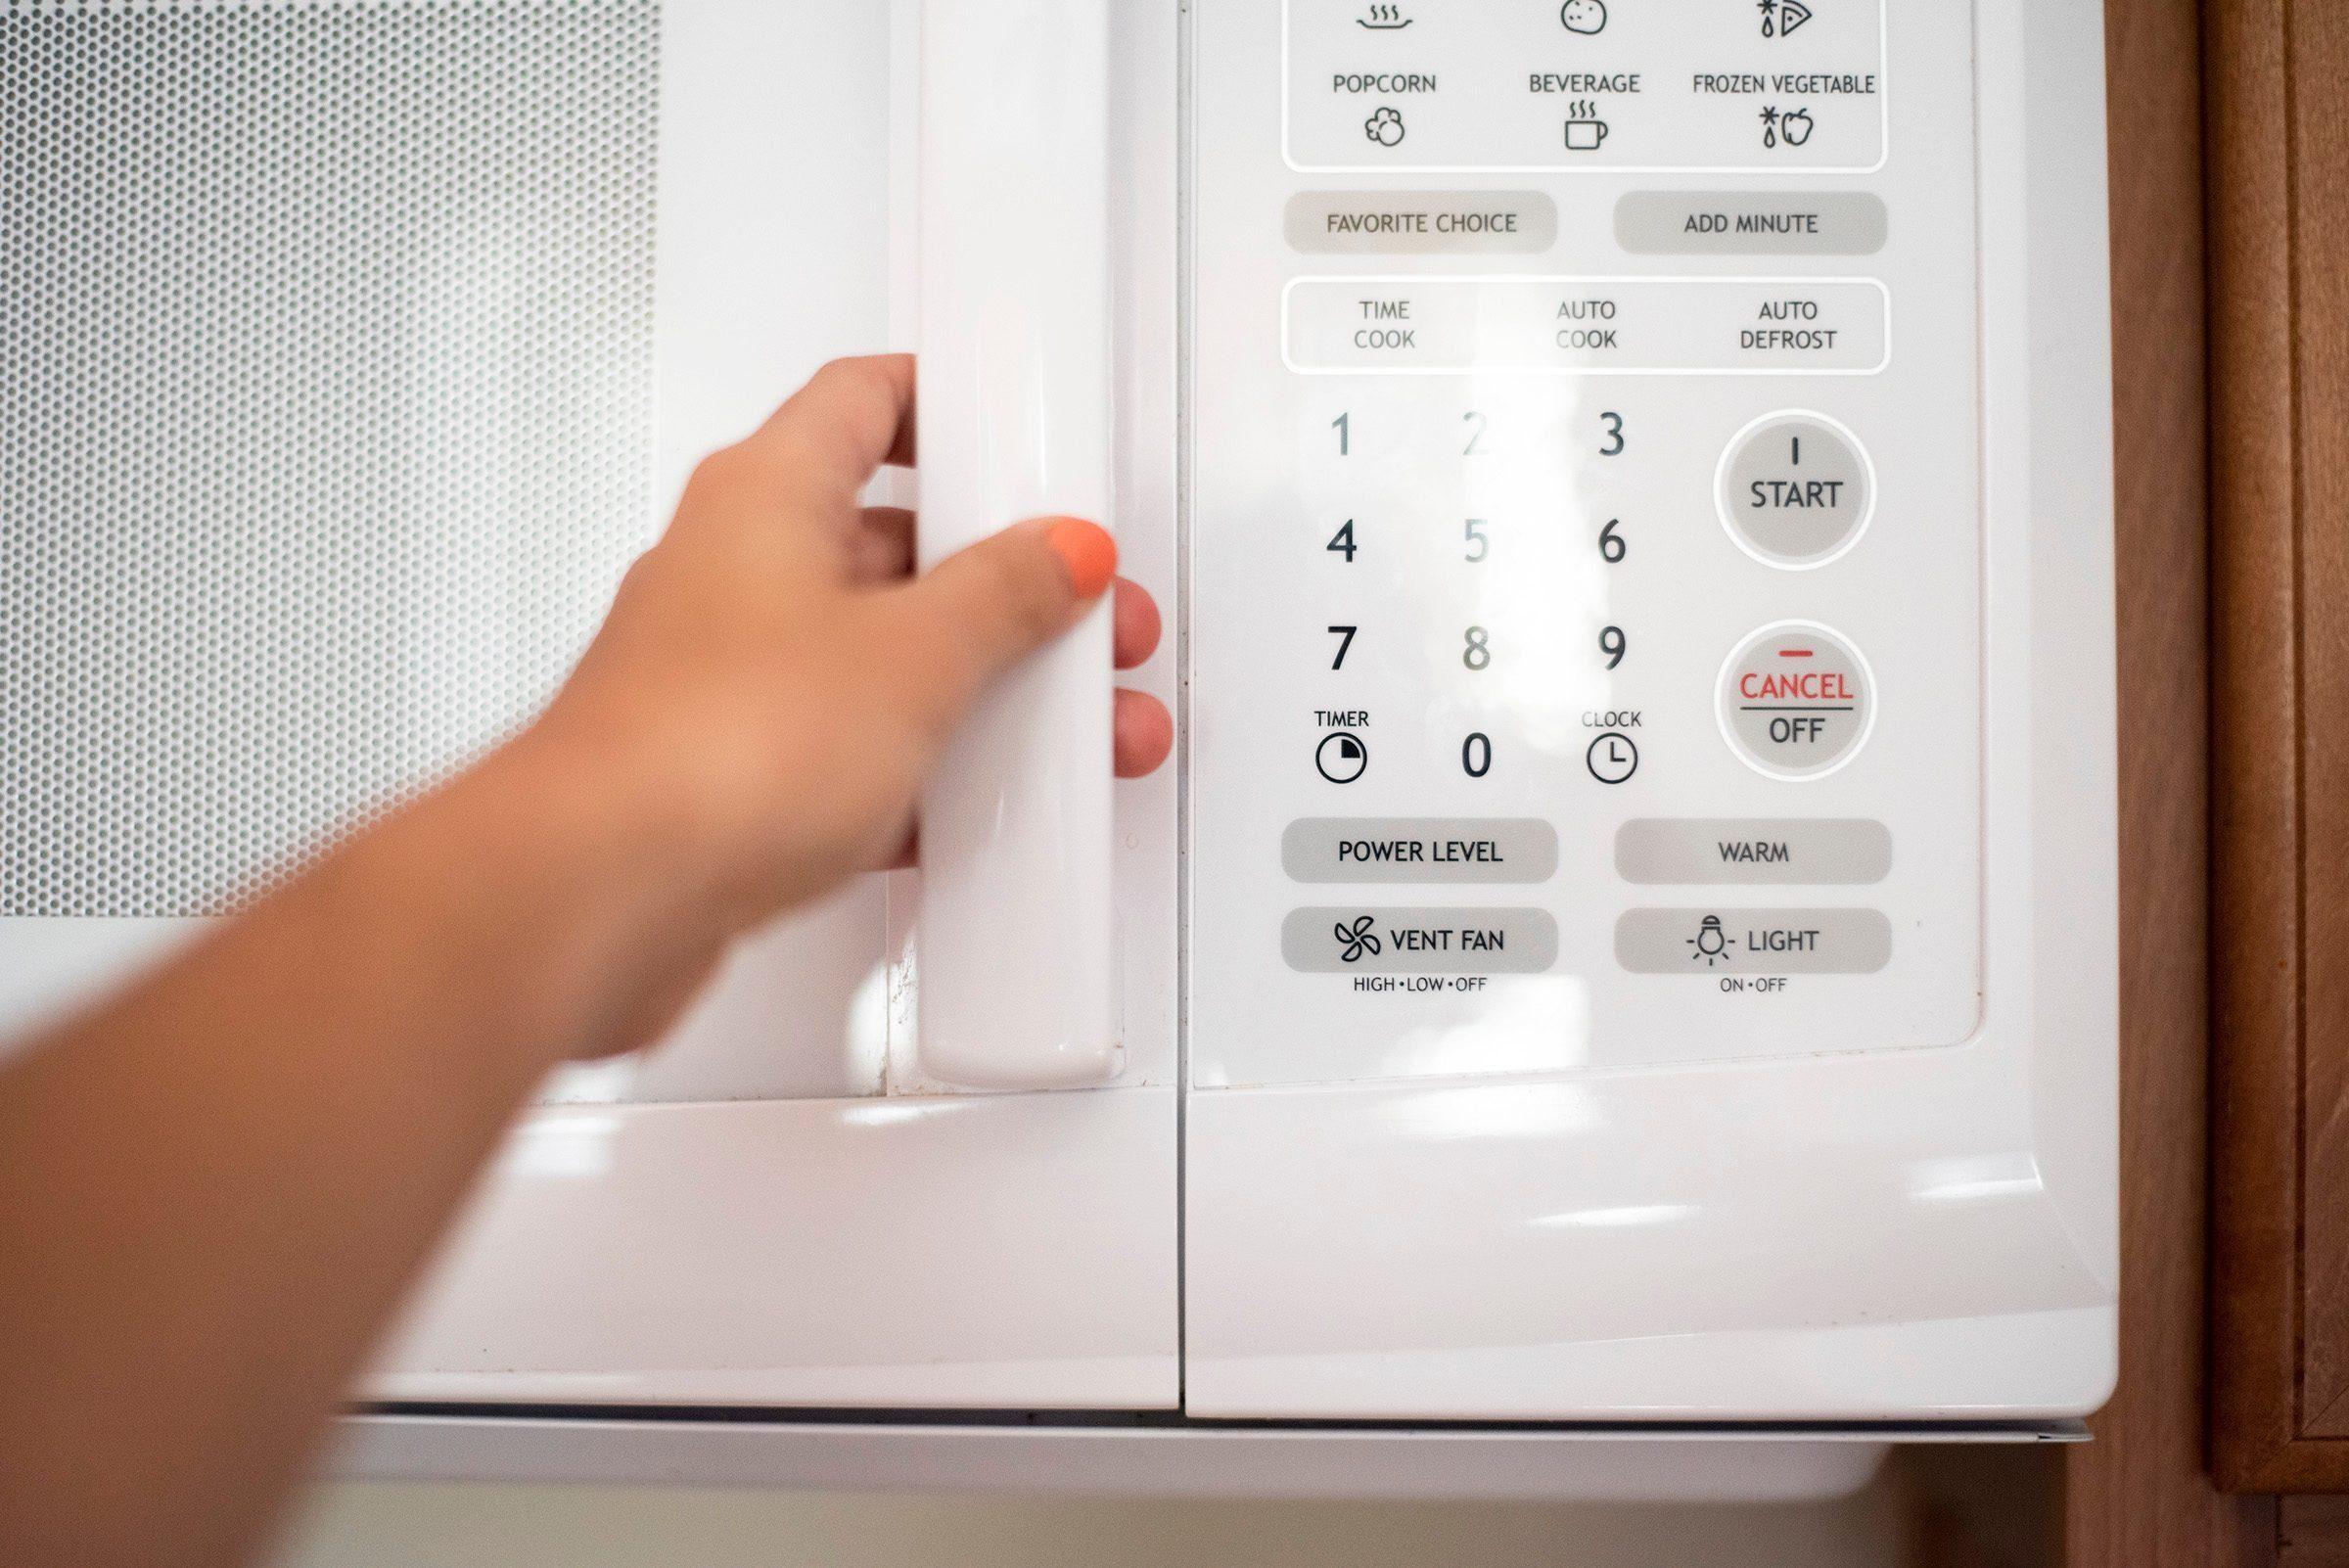 slam microwave door